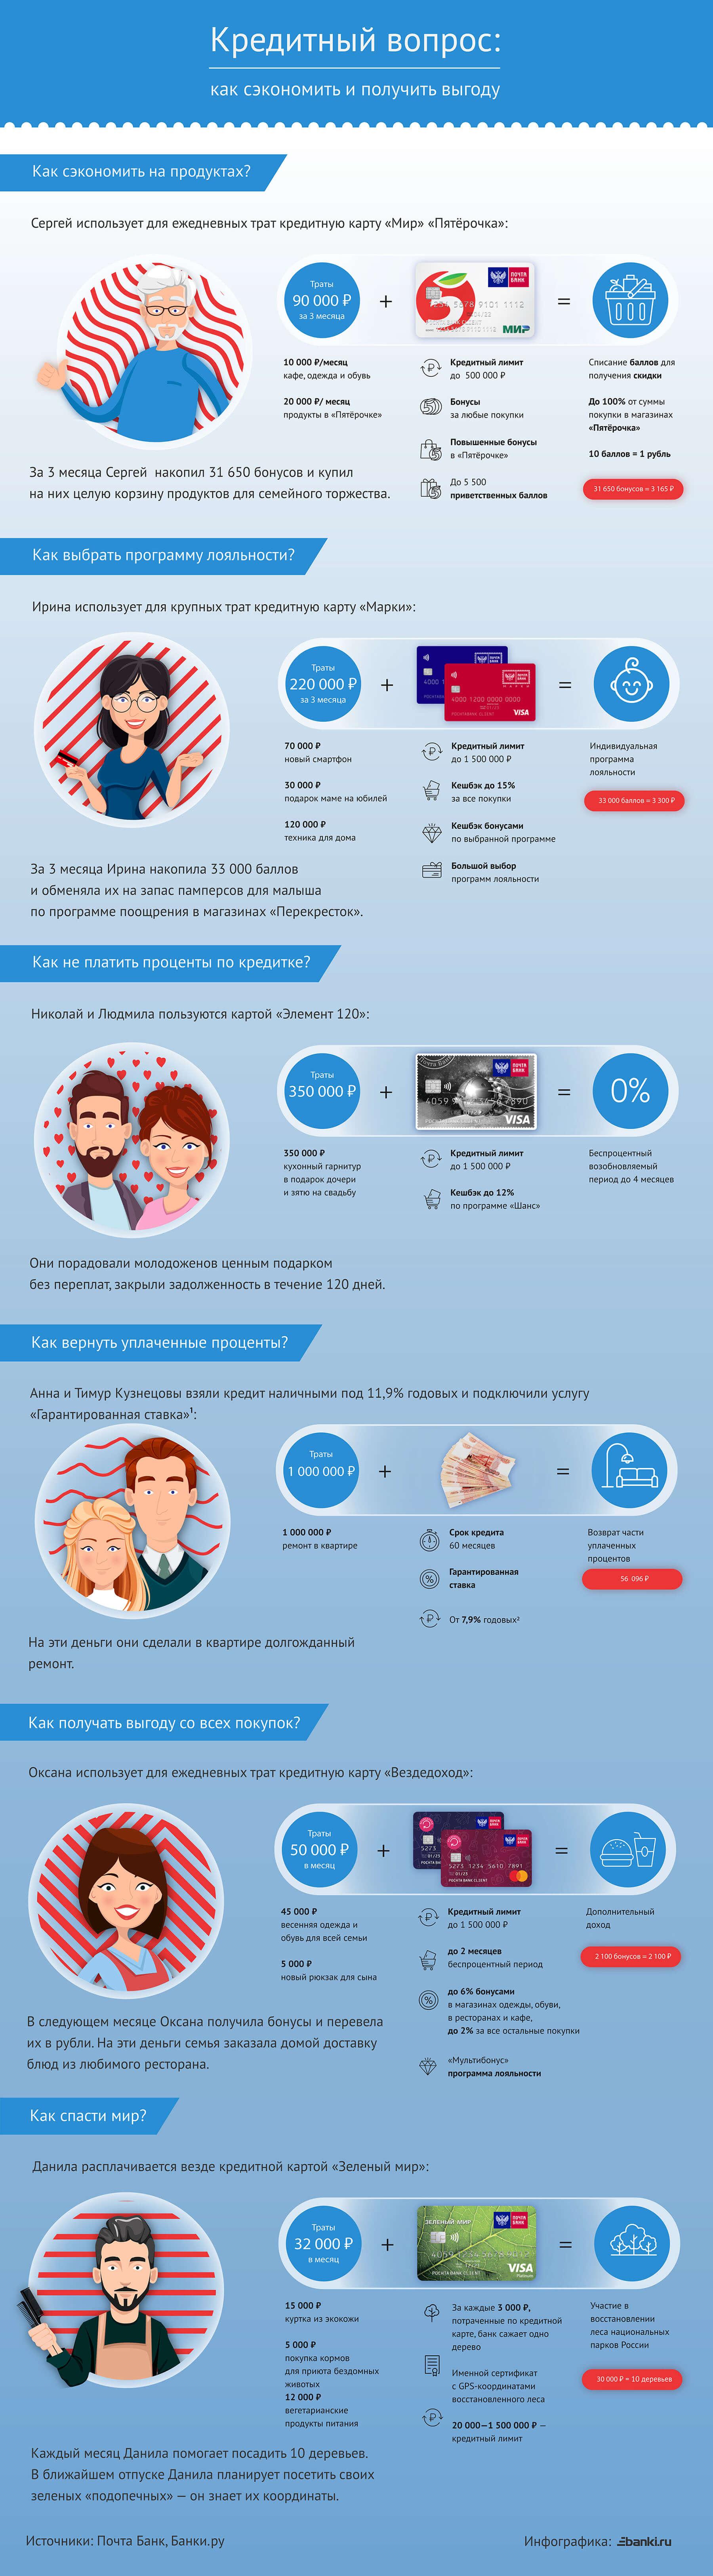 Кредитный вопрос. Инфографика о том, как сэкономить и получить выгоду